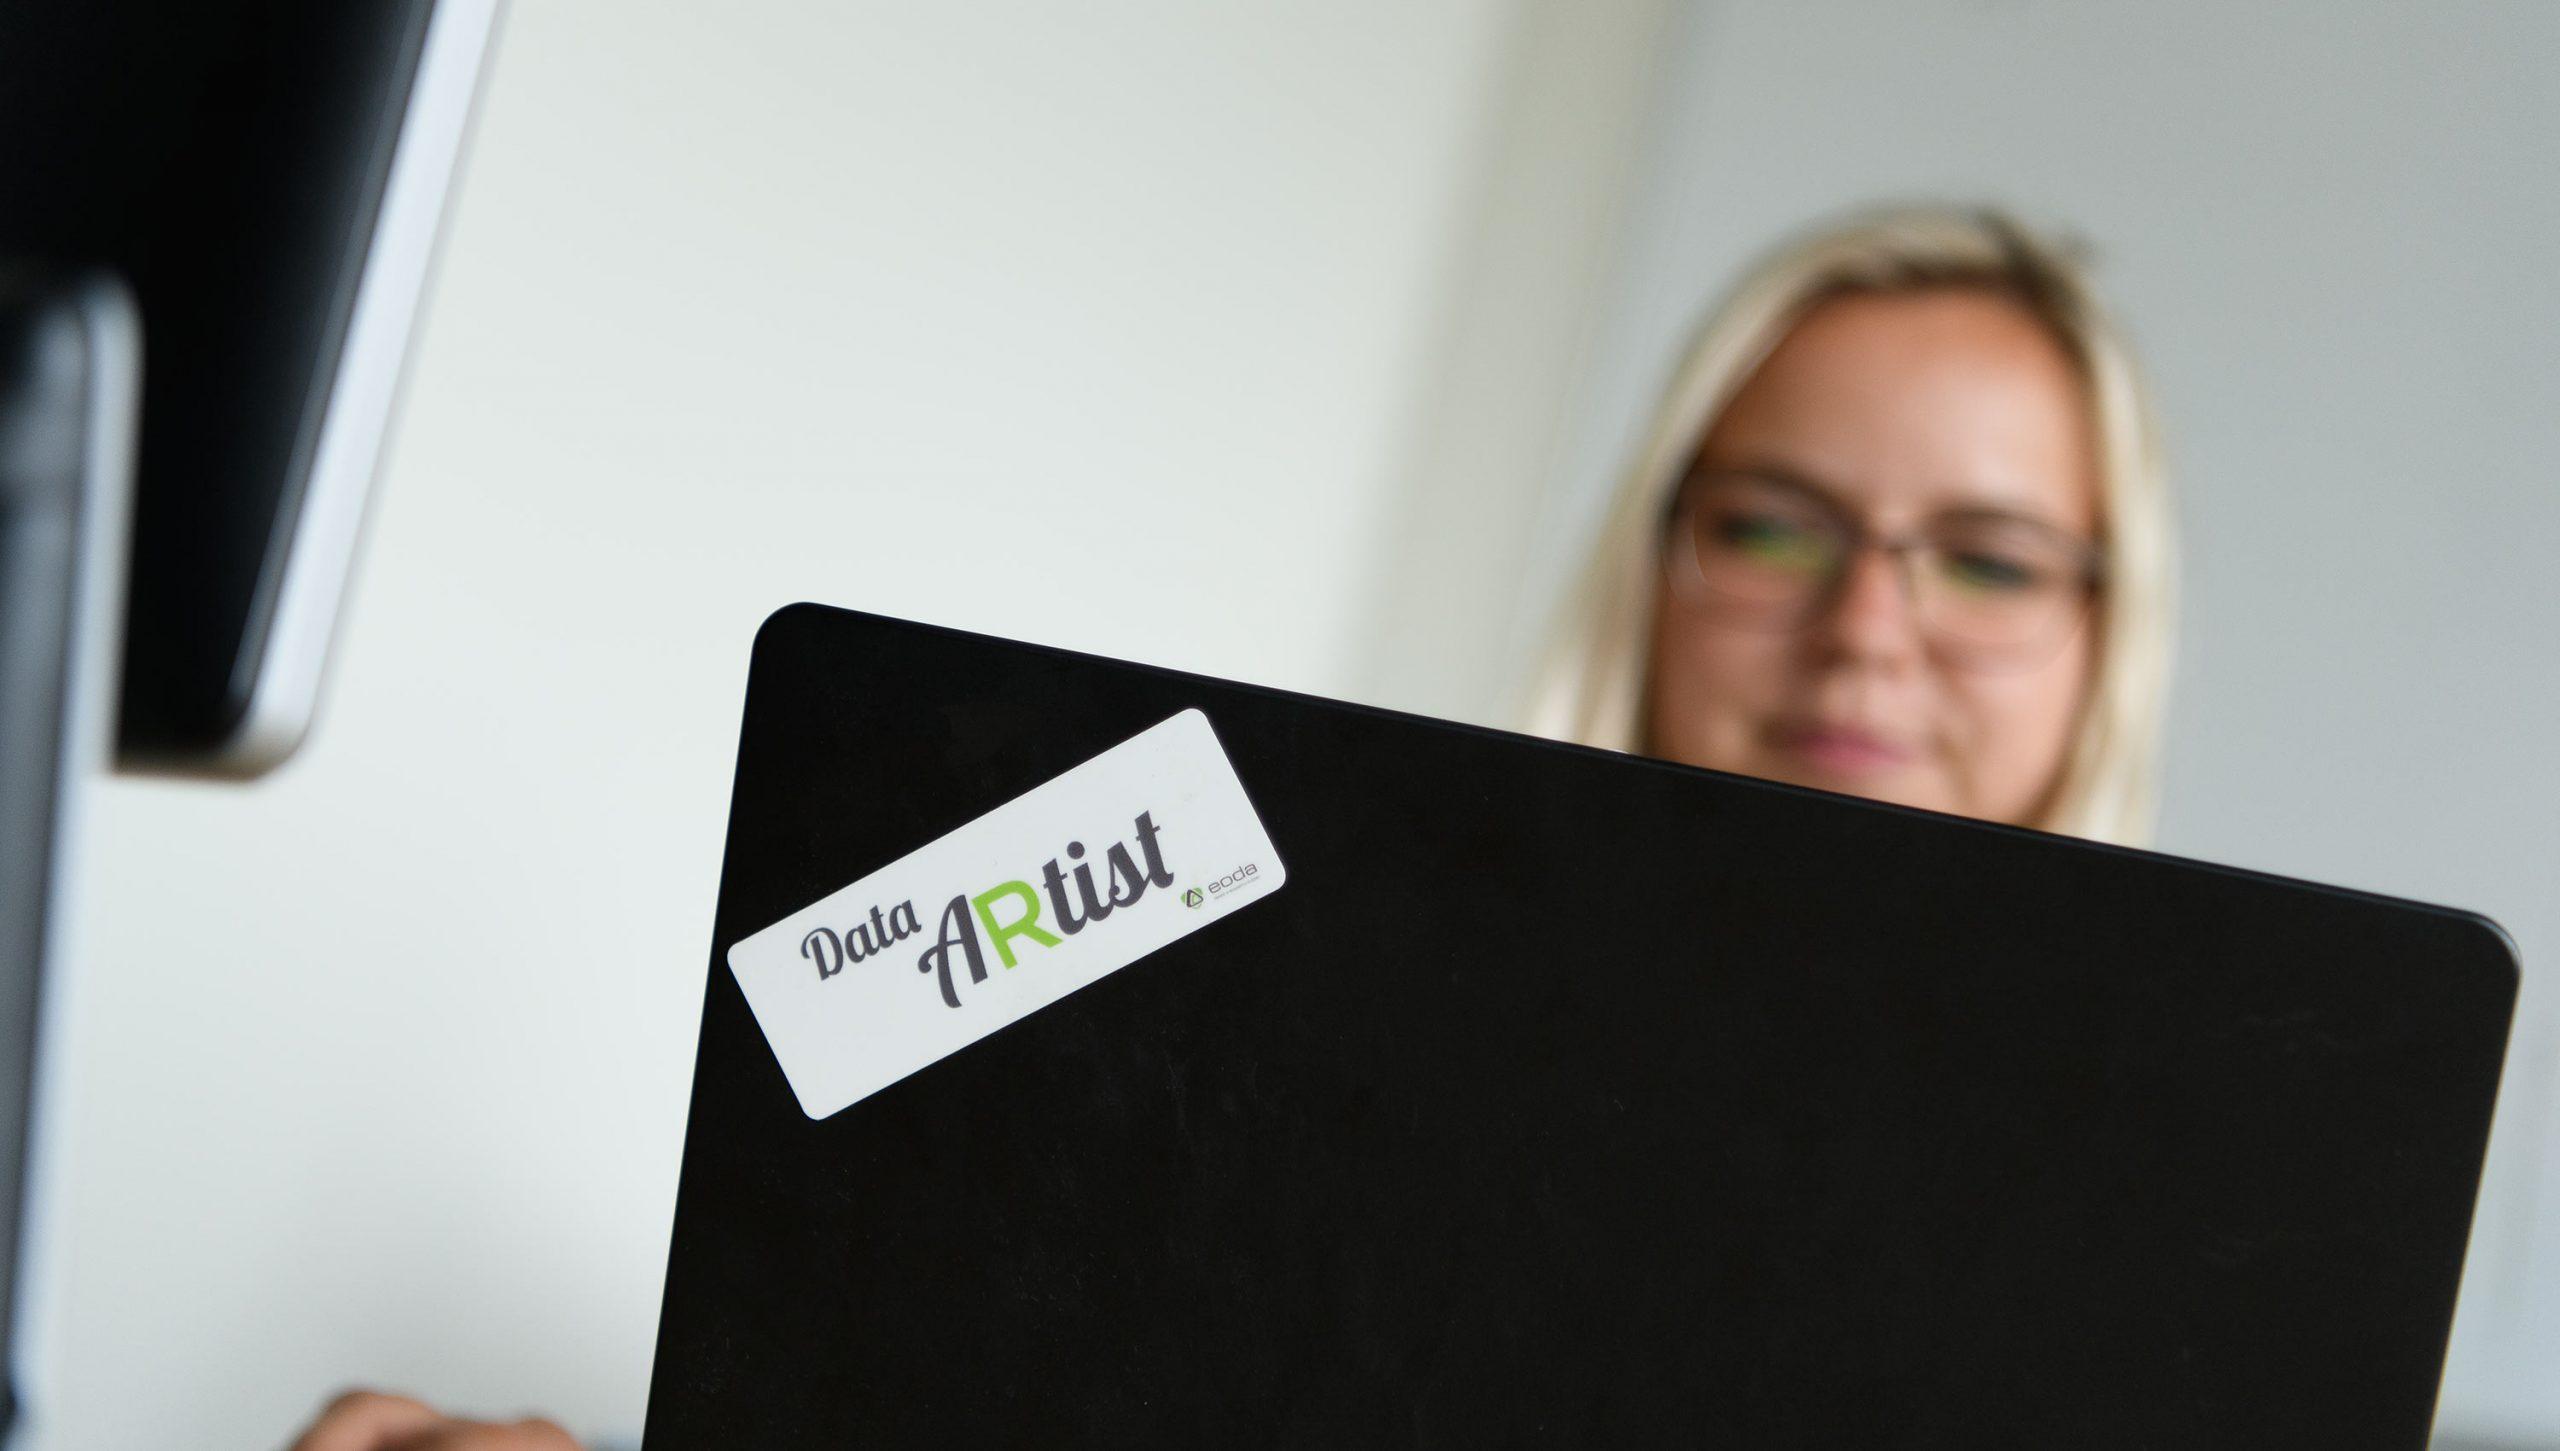 Frau blickt auf ihren Laptop